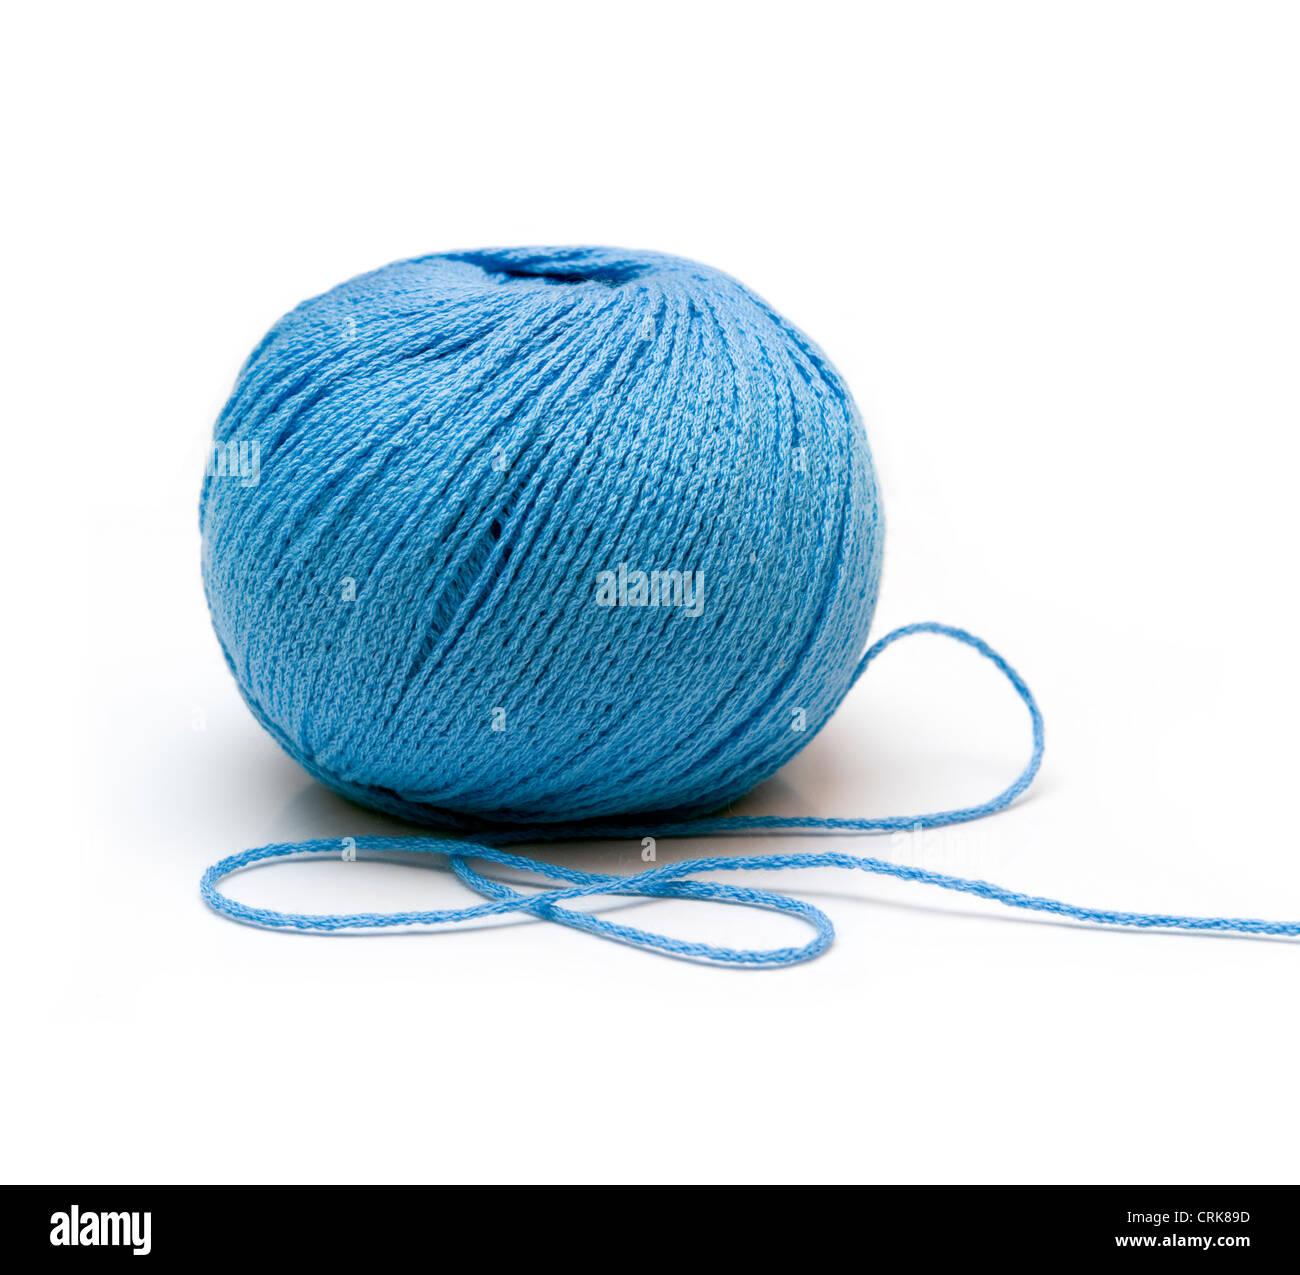 blue yarn ball on white background - isolated - Stock Image